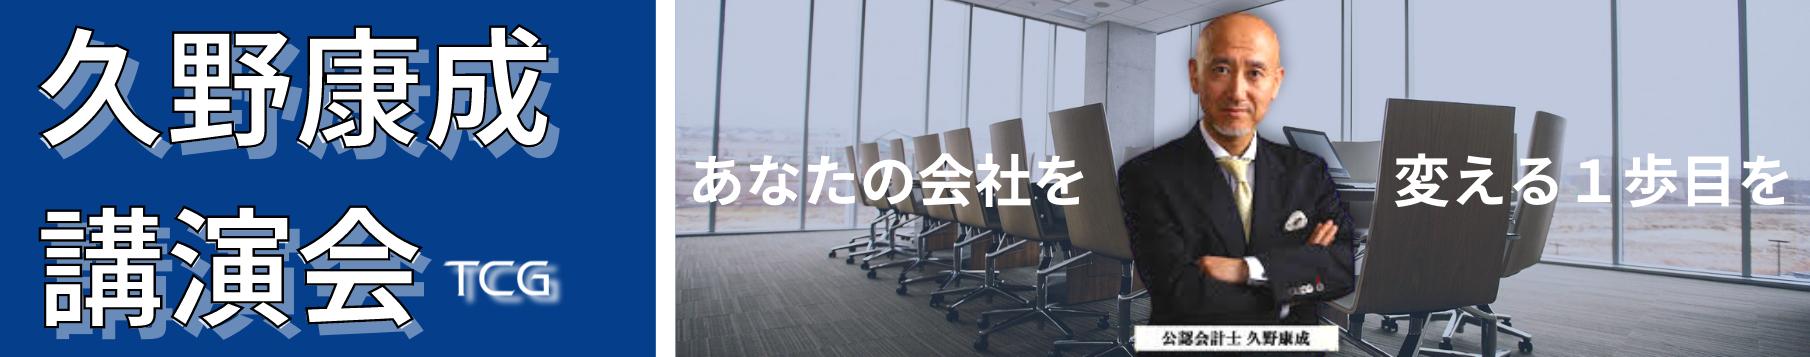 コンサルティング「東京コンサルティンググループ代表取締役会長 久野康成 講演会」